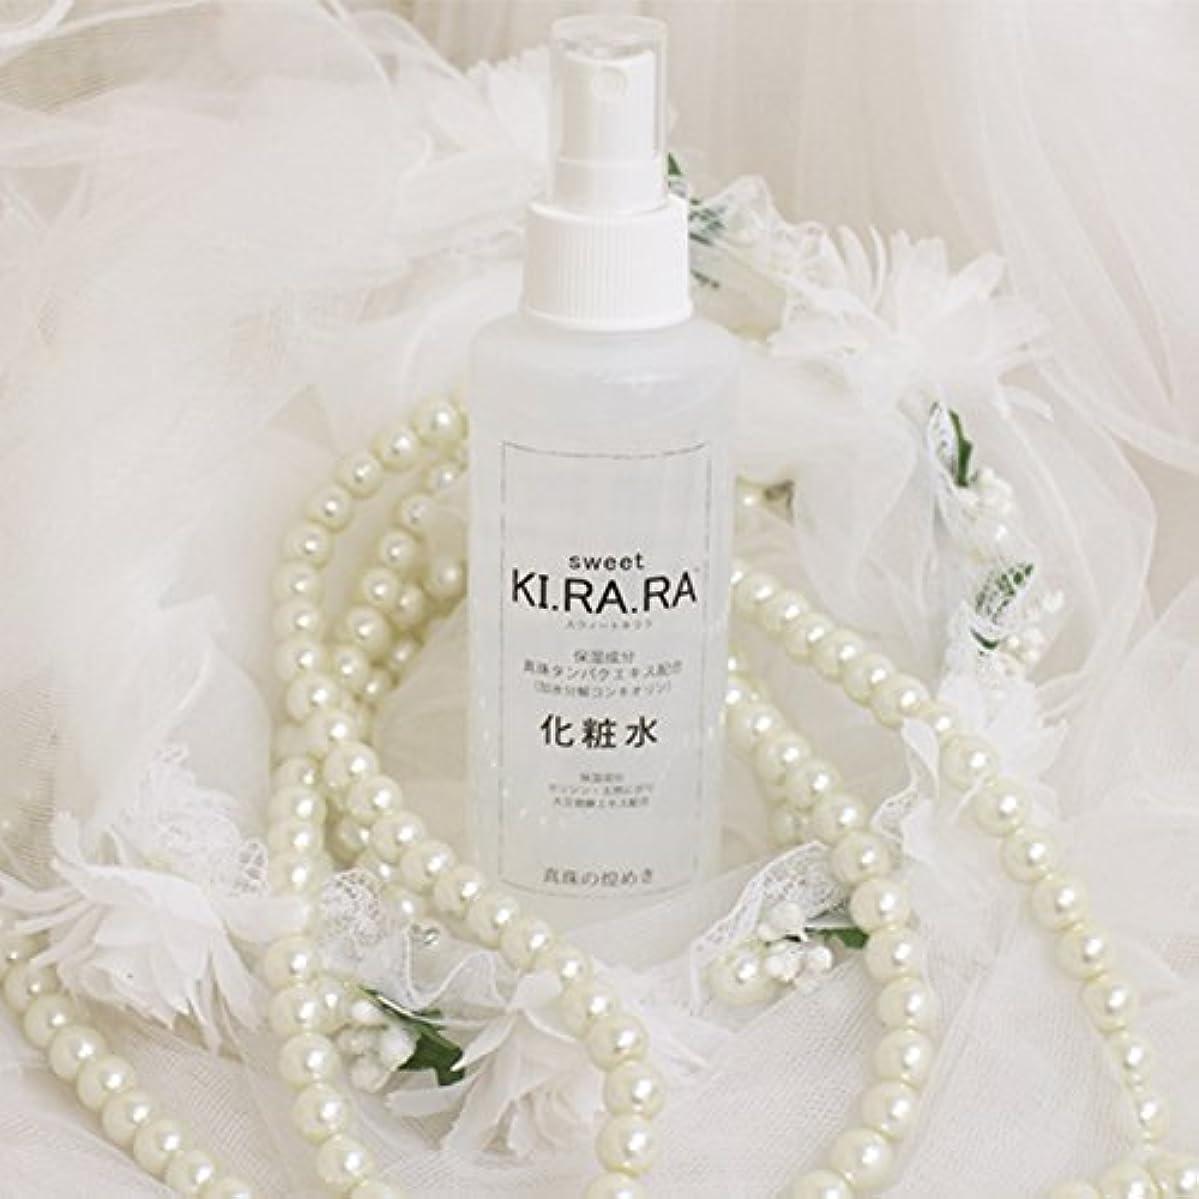 篭広げる鳴らすsweet KI.RA.RA スウィートキララ 化粧水 ナチュラルローション 真珠タンパクエキス配合 150ml